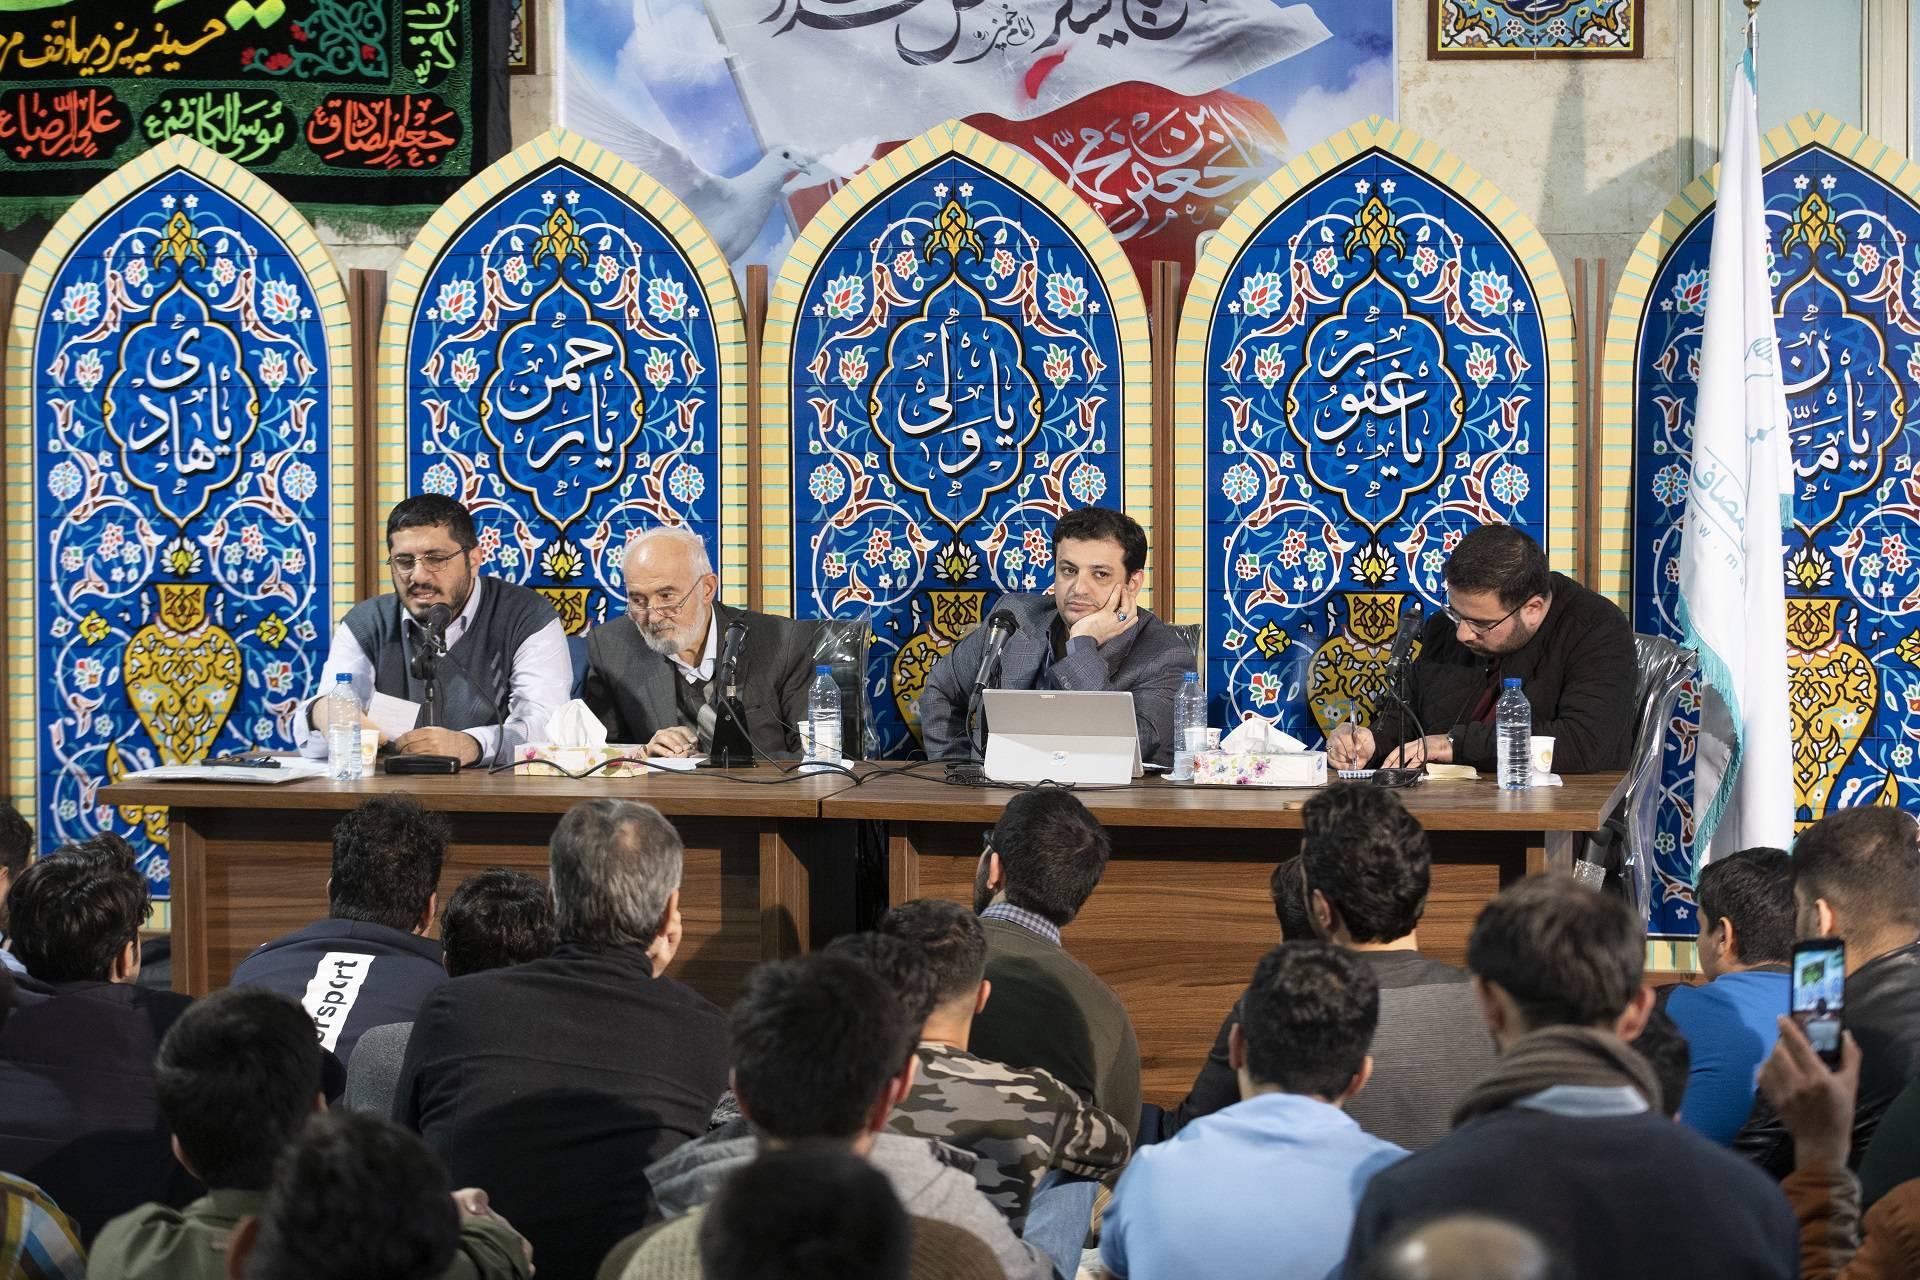 دانلود نشست تخصصی  « شفافیت » با حضور استاد رائفی پور ، دکتر احمد توکلی، دکتر سیاح و محمدرضا علیزاده